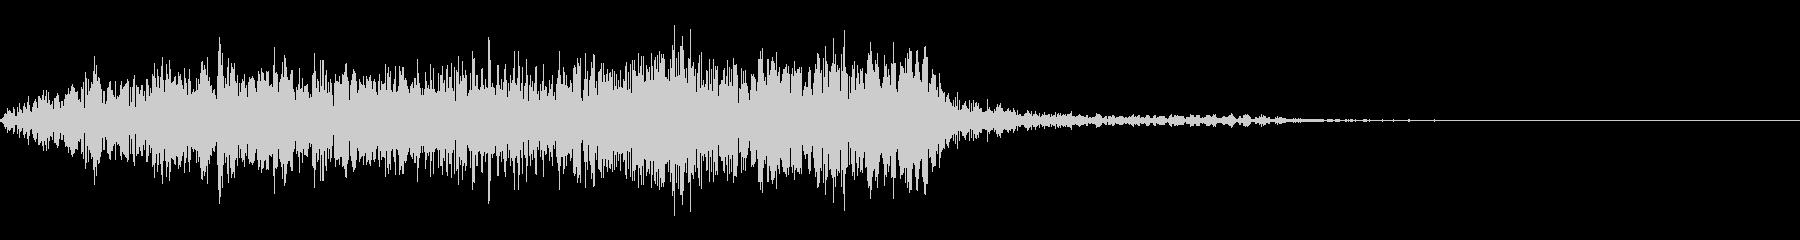 うめき声、化け物A01の未再生の波形